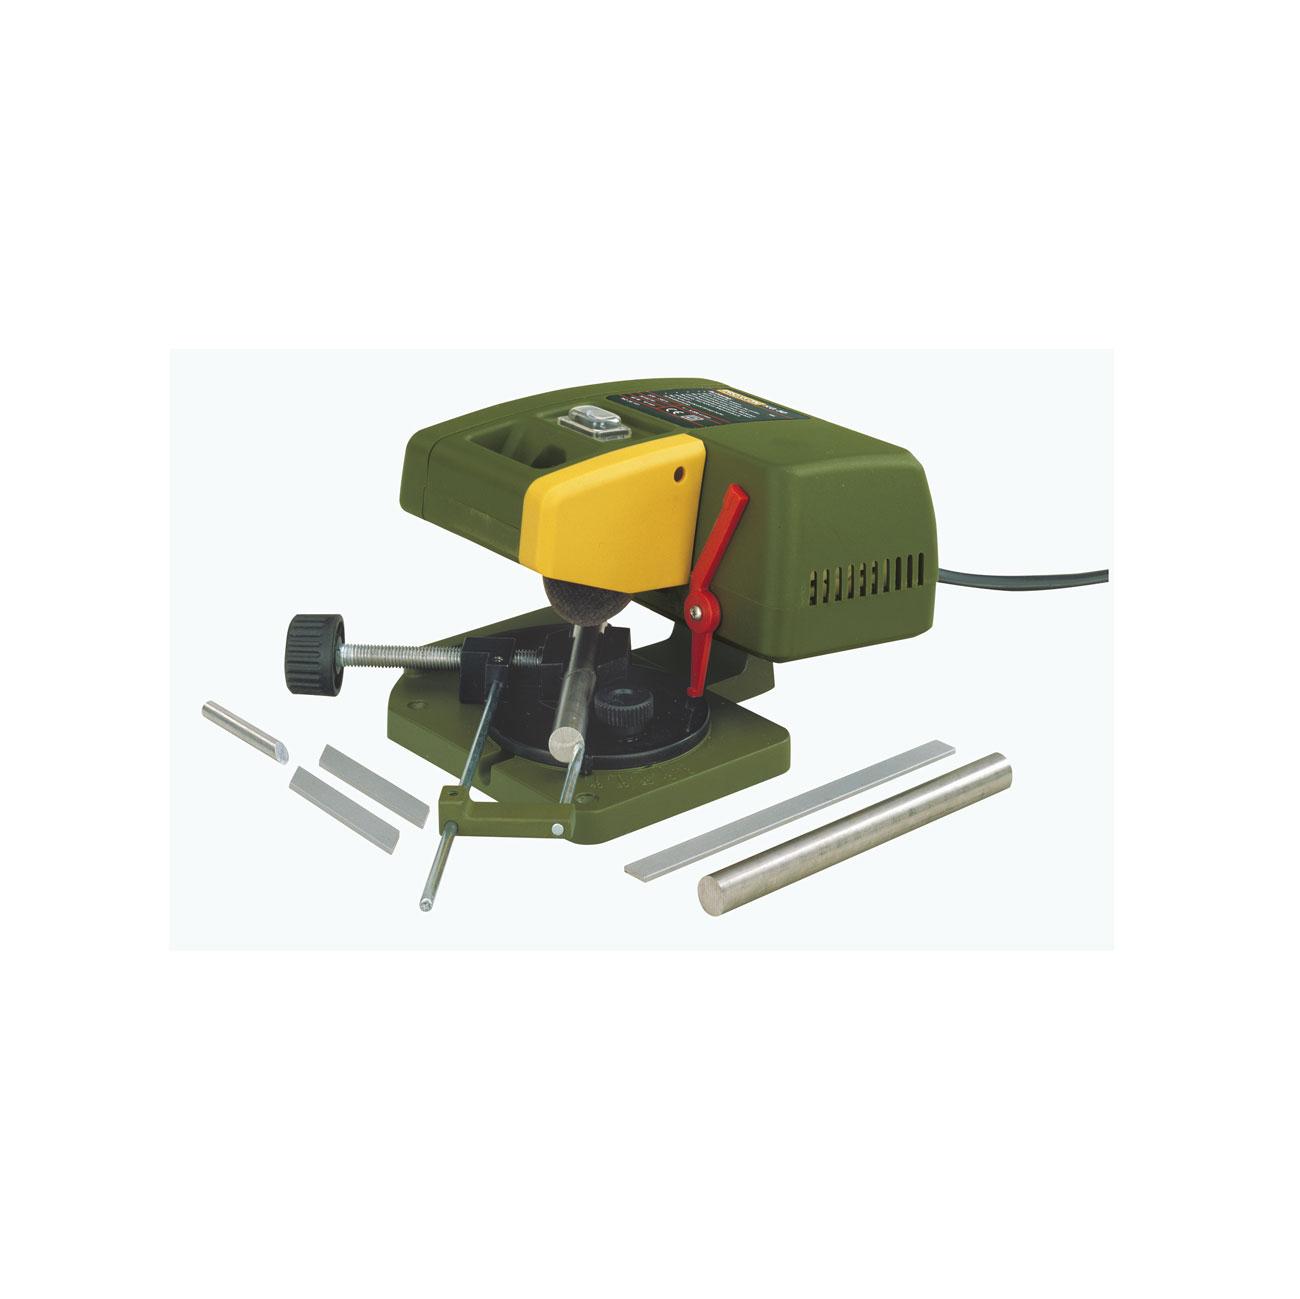 Proxxon 27150 MicroMot KG 50 Miter saw 85W